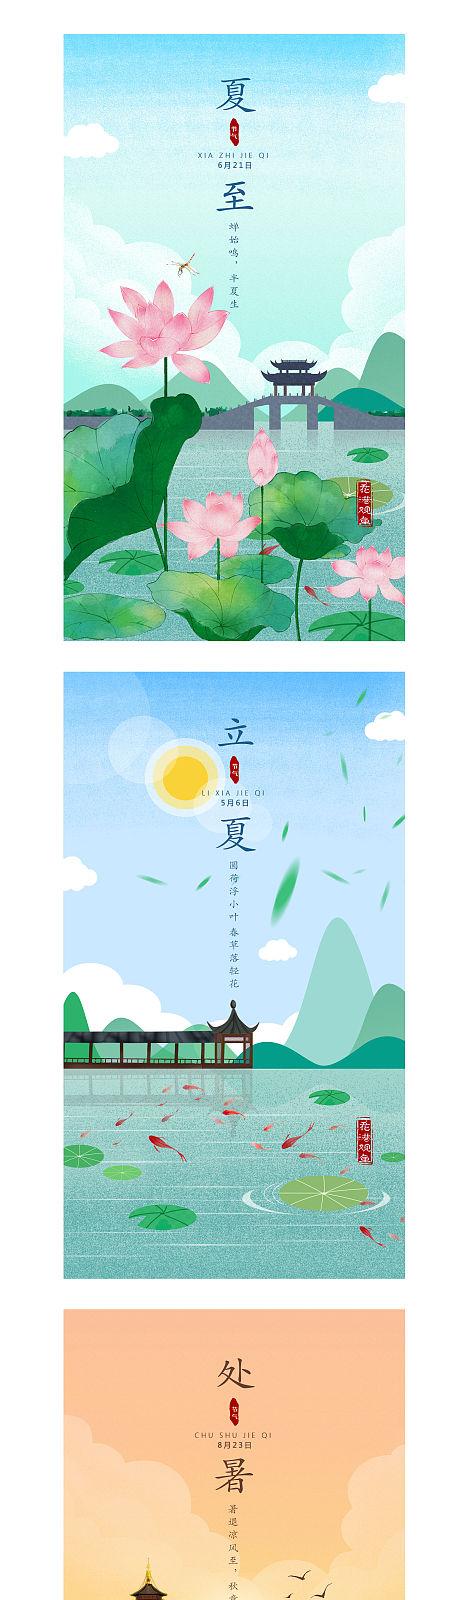 西湖十景节气海报 -源文件